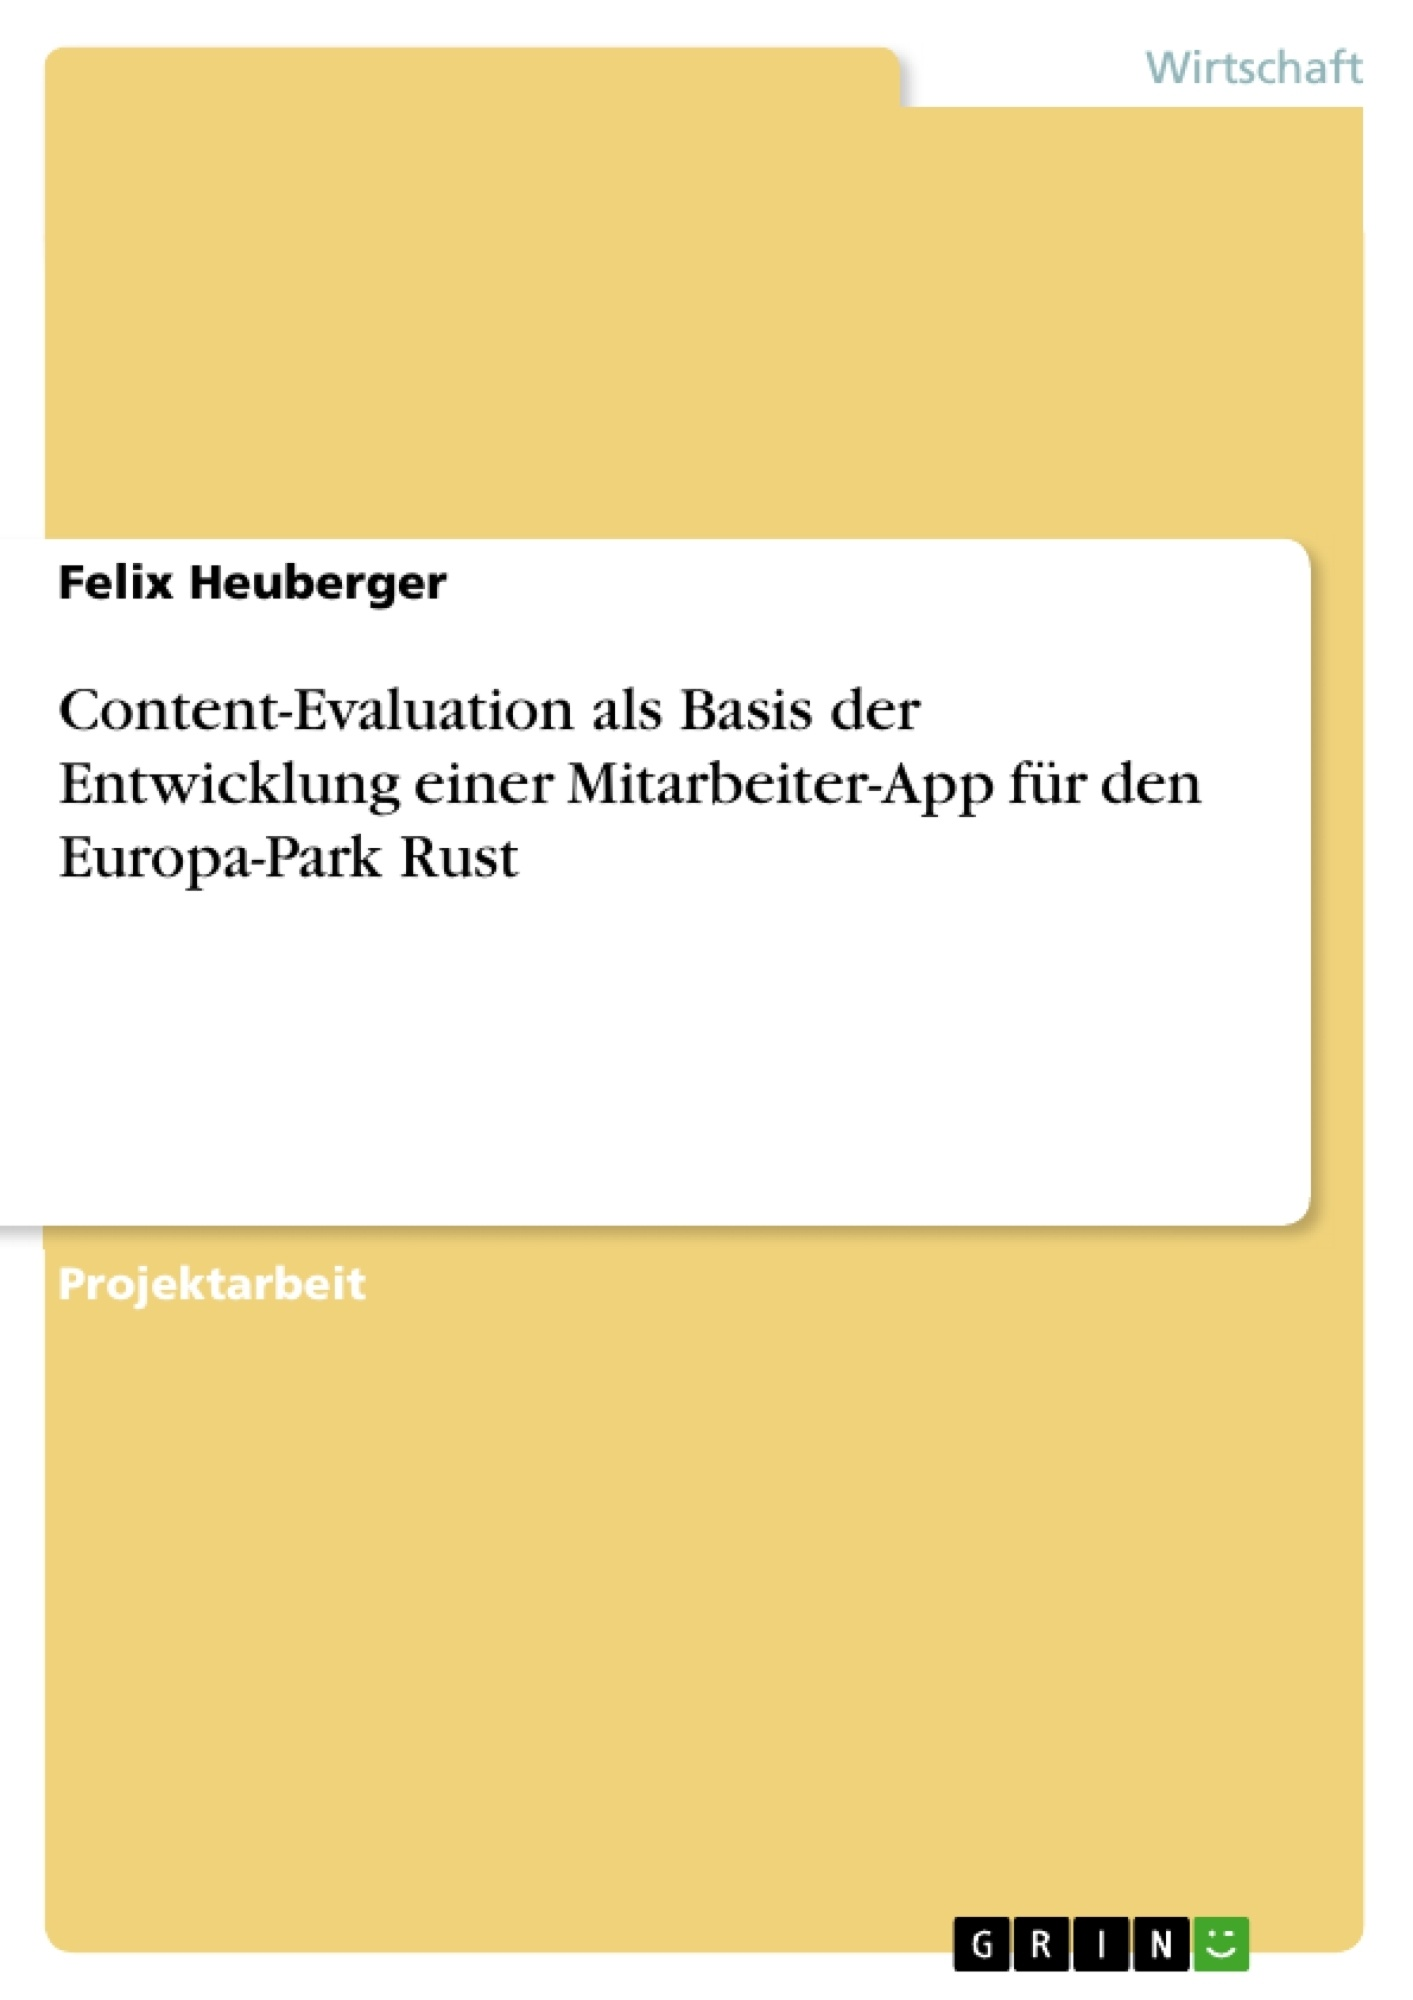 Titel: Content-Evaluation als Basis der Entwicklung einer Mitarbeiter-App für den Europa-Park Rust